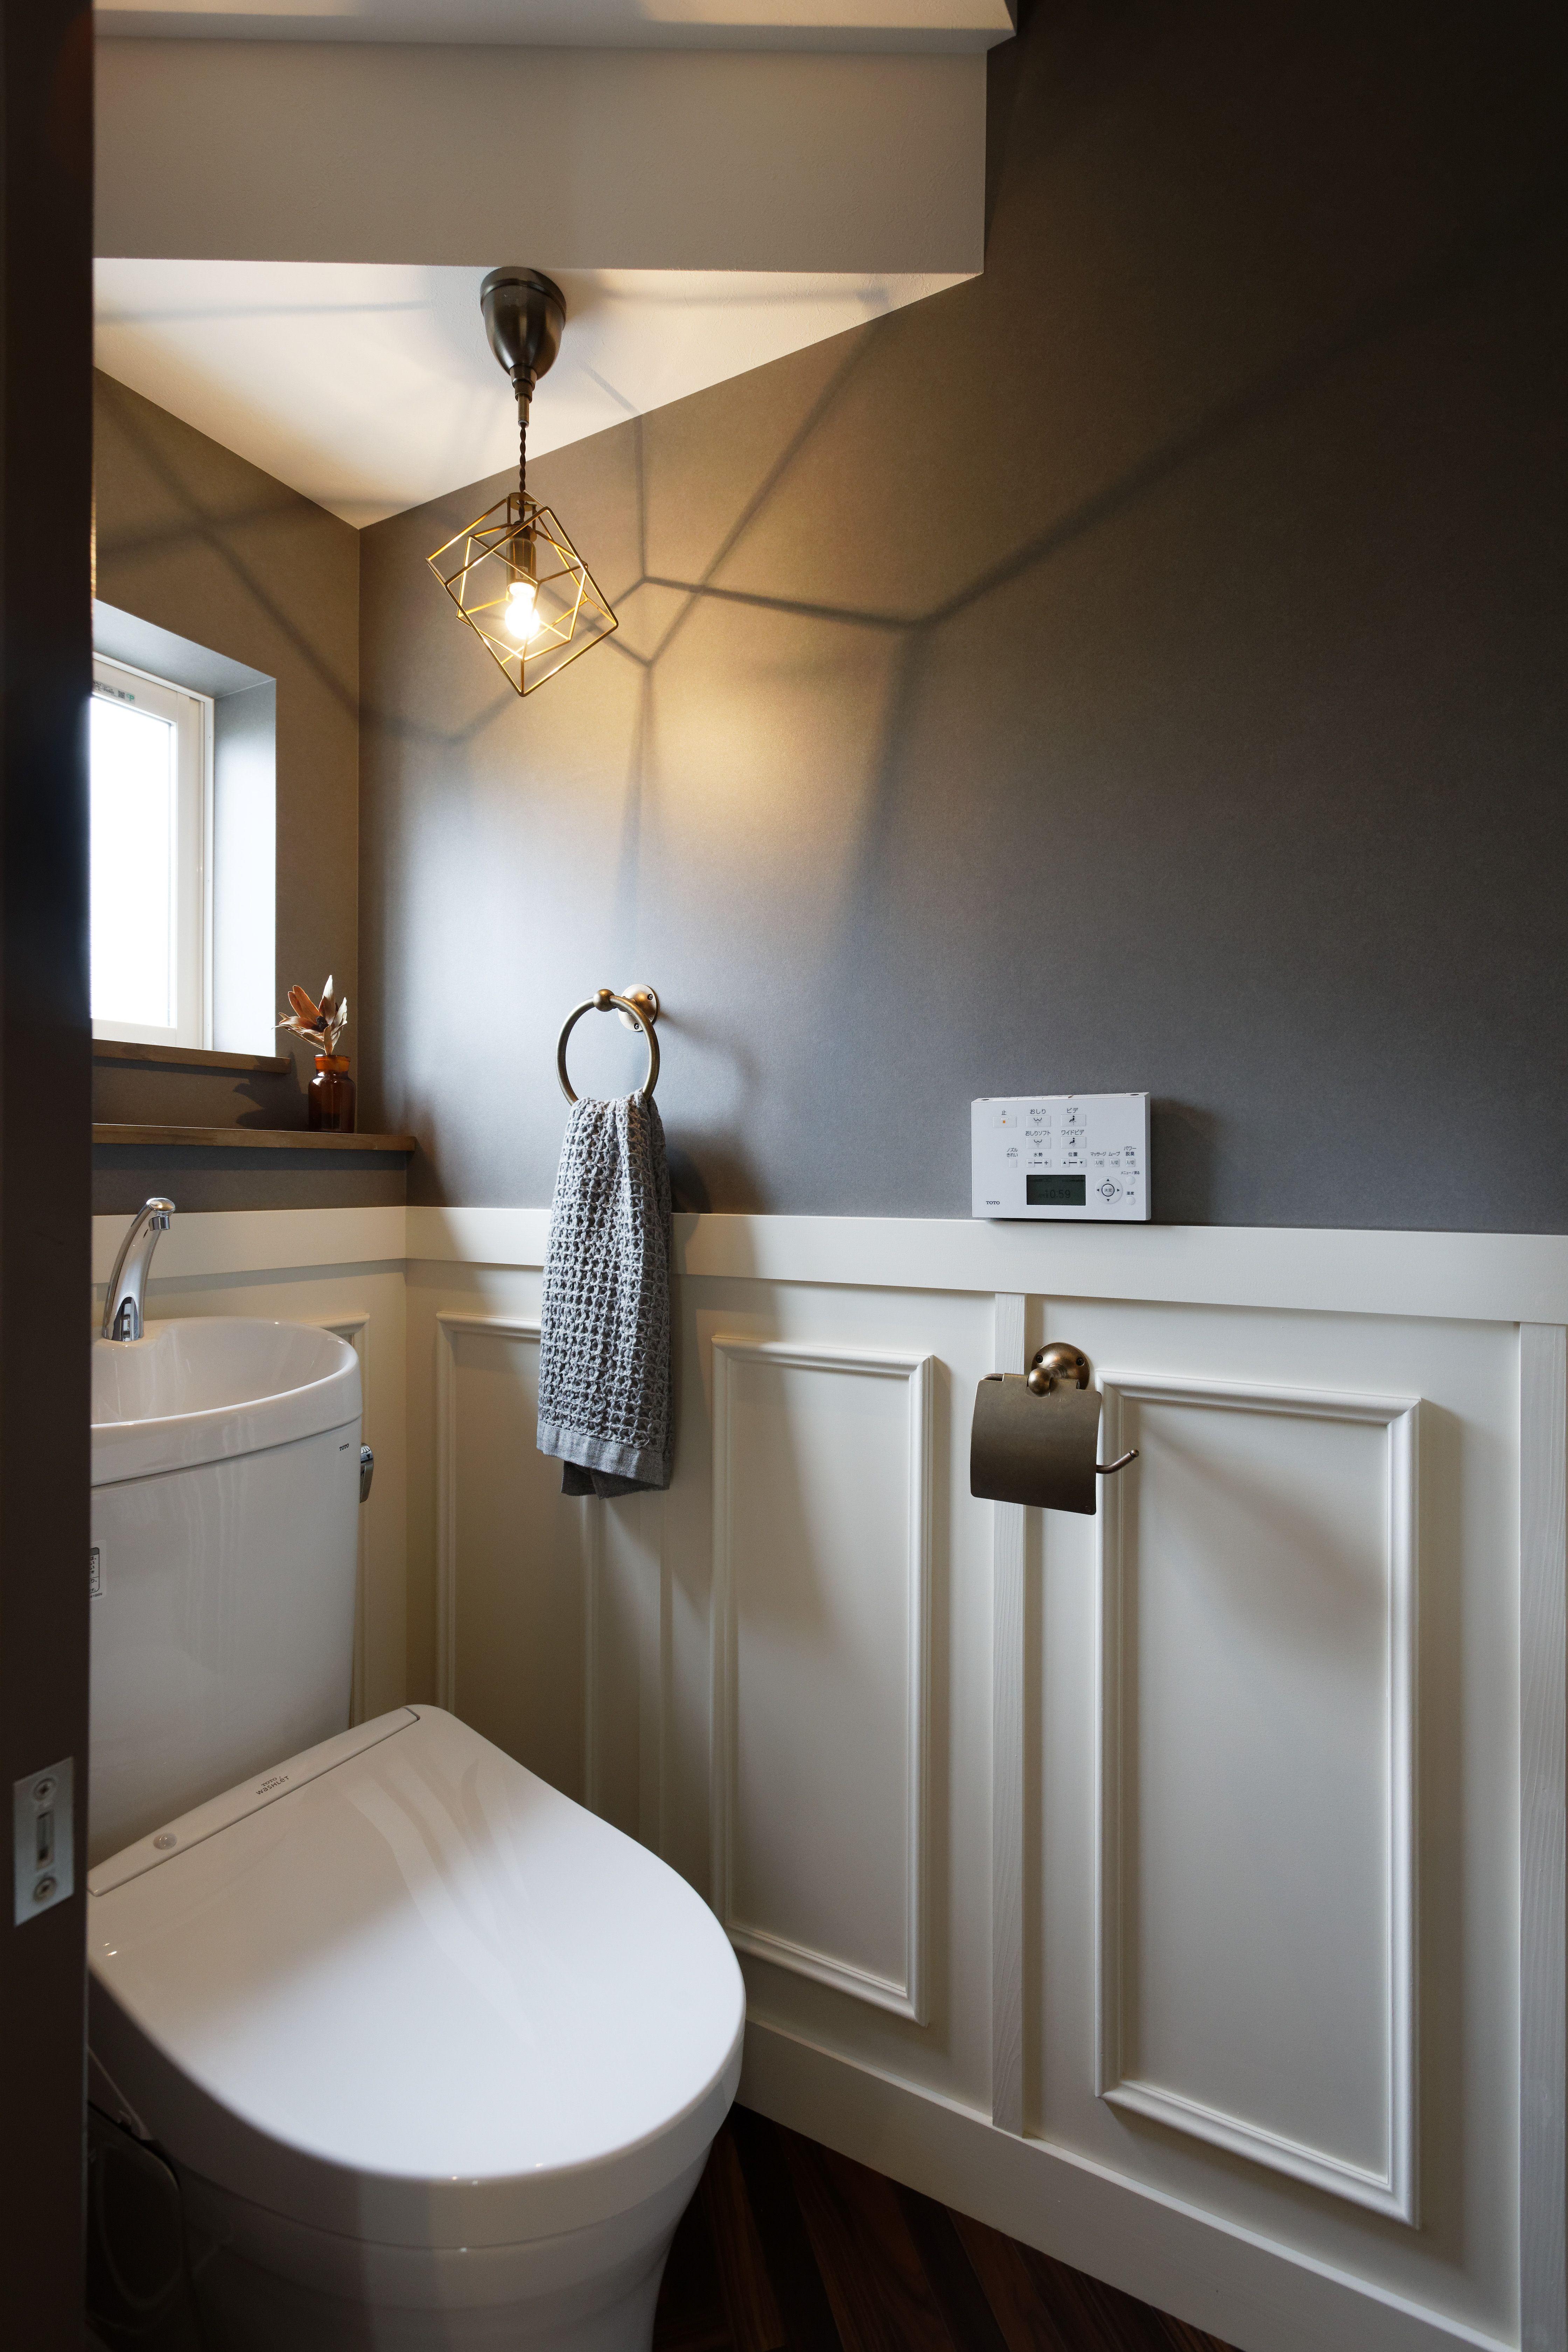 絵本からでてきたような夢いっぱいのお家 ゼストの写真集 倉敷市 注文住宅 工務店 トイレ インテリア 現代的なバスルーム バスルーム インテリア